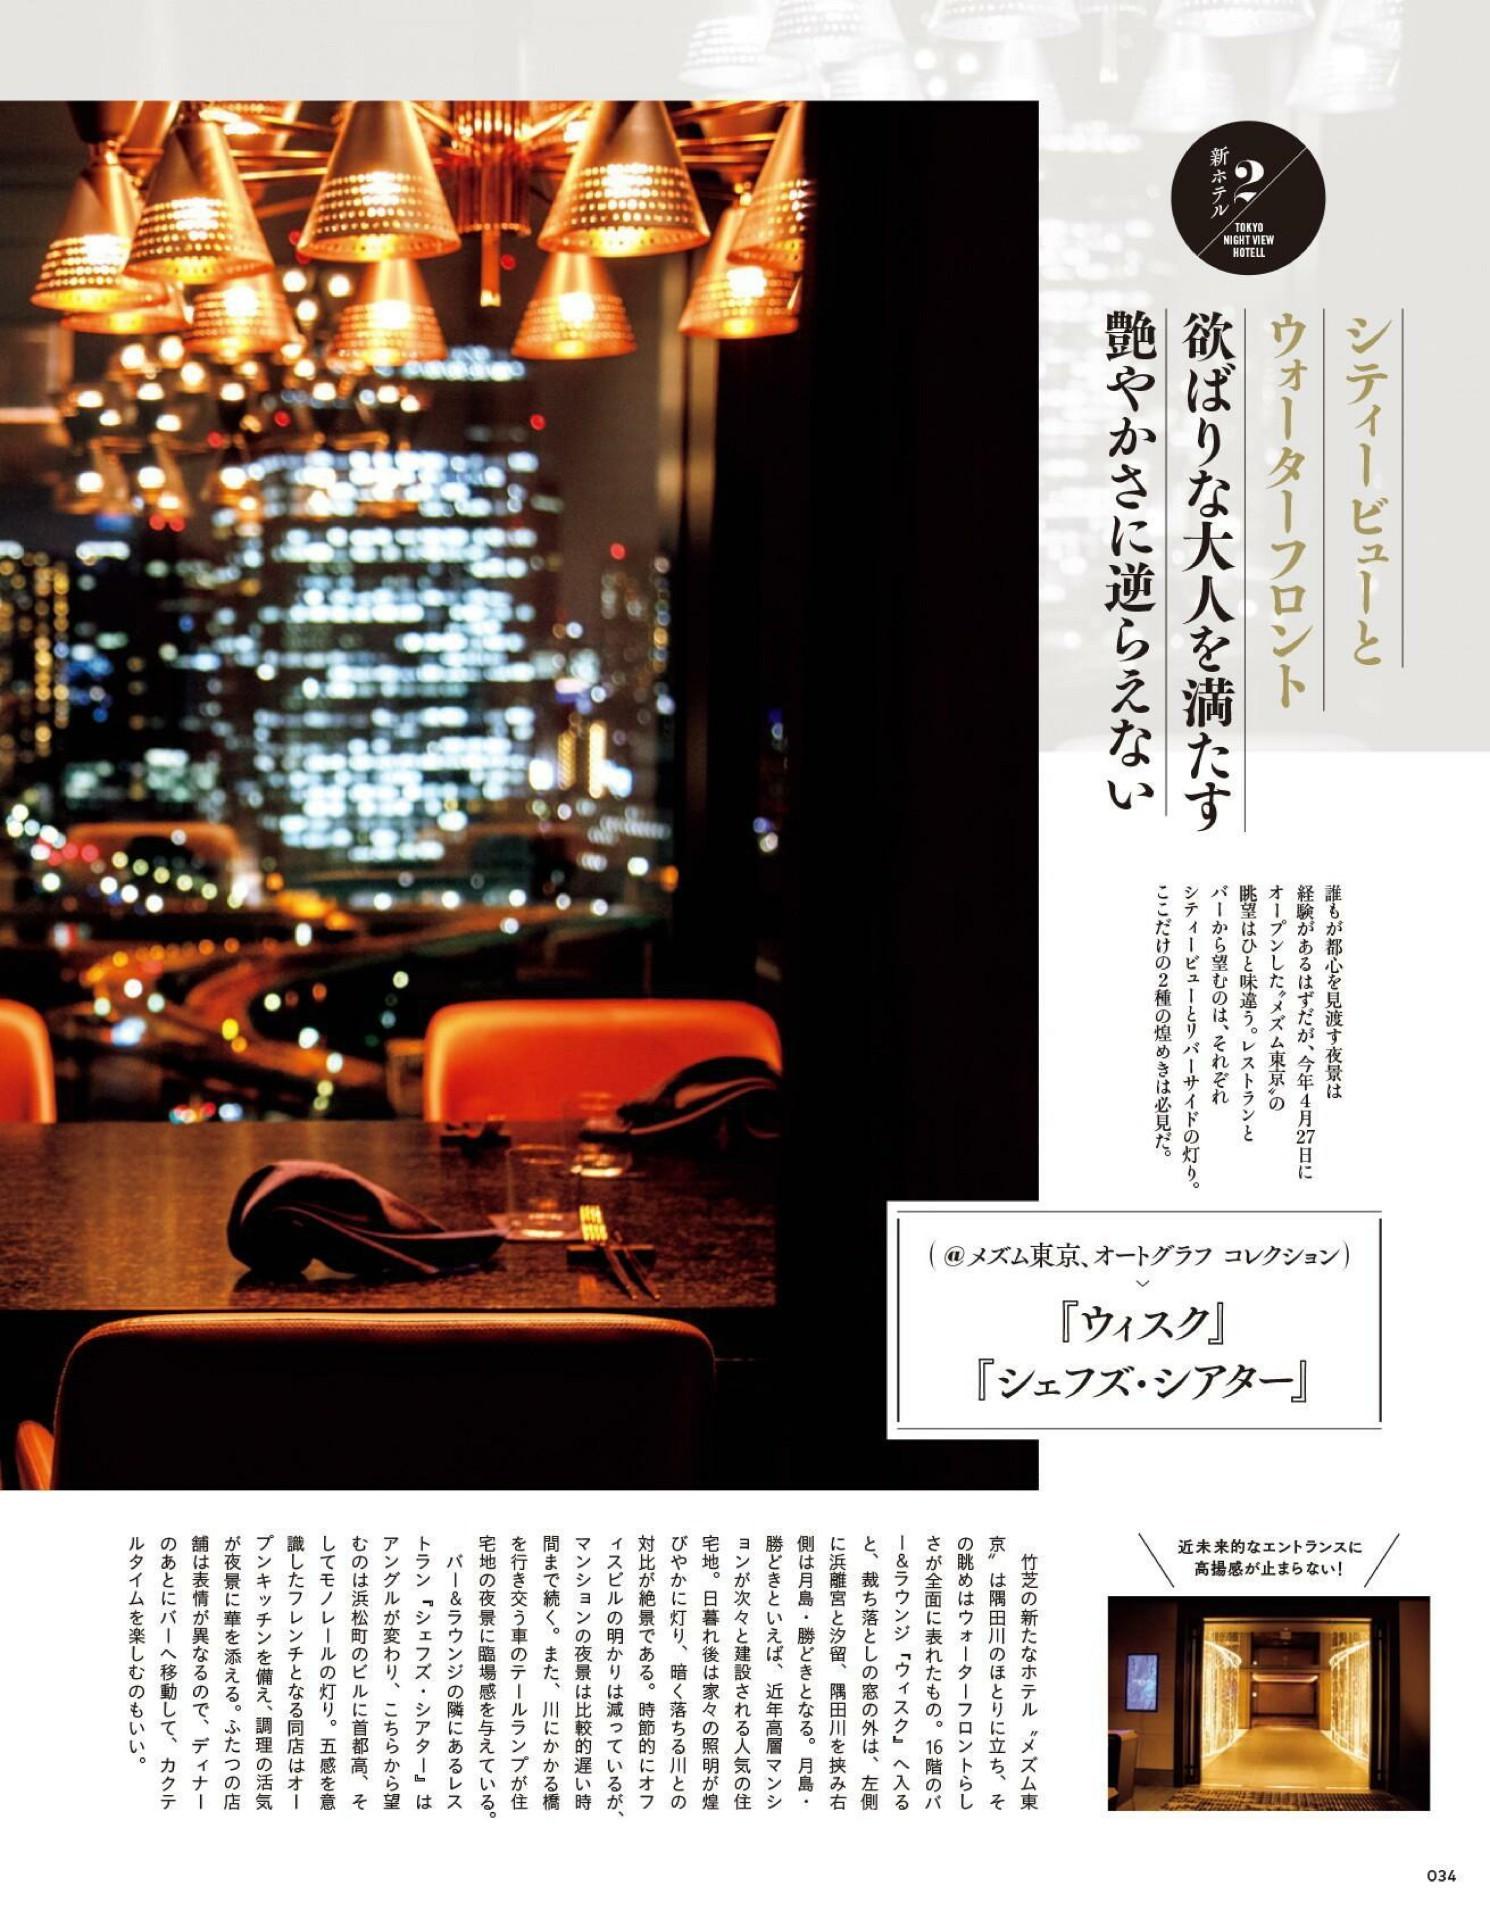 Tokyo Calendar 2020-09_imgs-0034